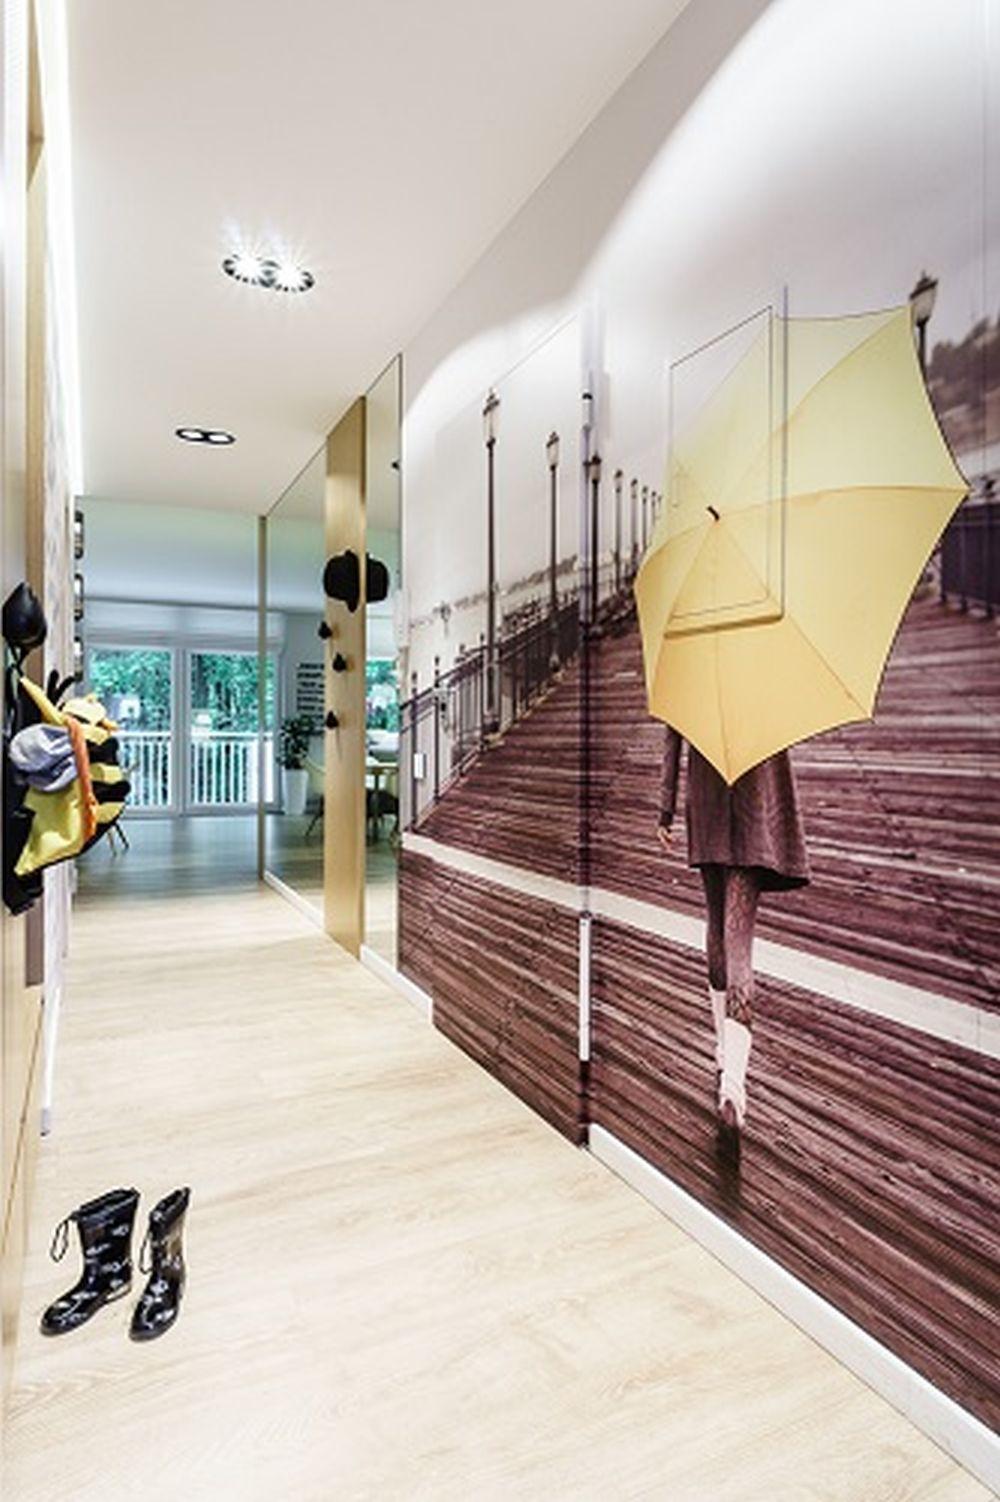 adelaparvu.com despre apartament 3 camere, Polonia, Design Saje Architekci, Foto foto&mohito (2)